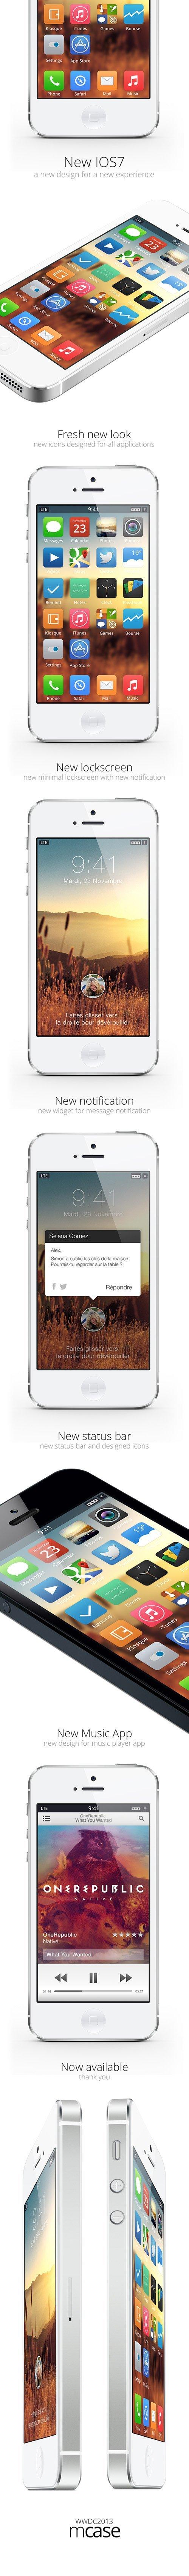 UI设计 IOS7 Concept MCASE